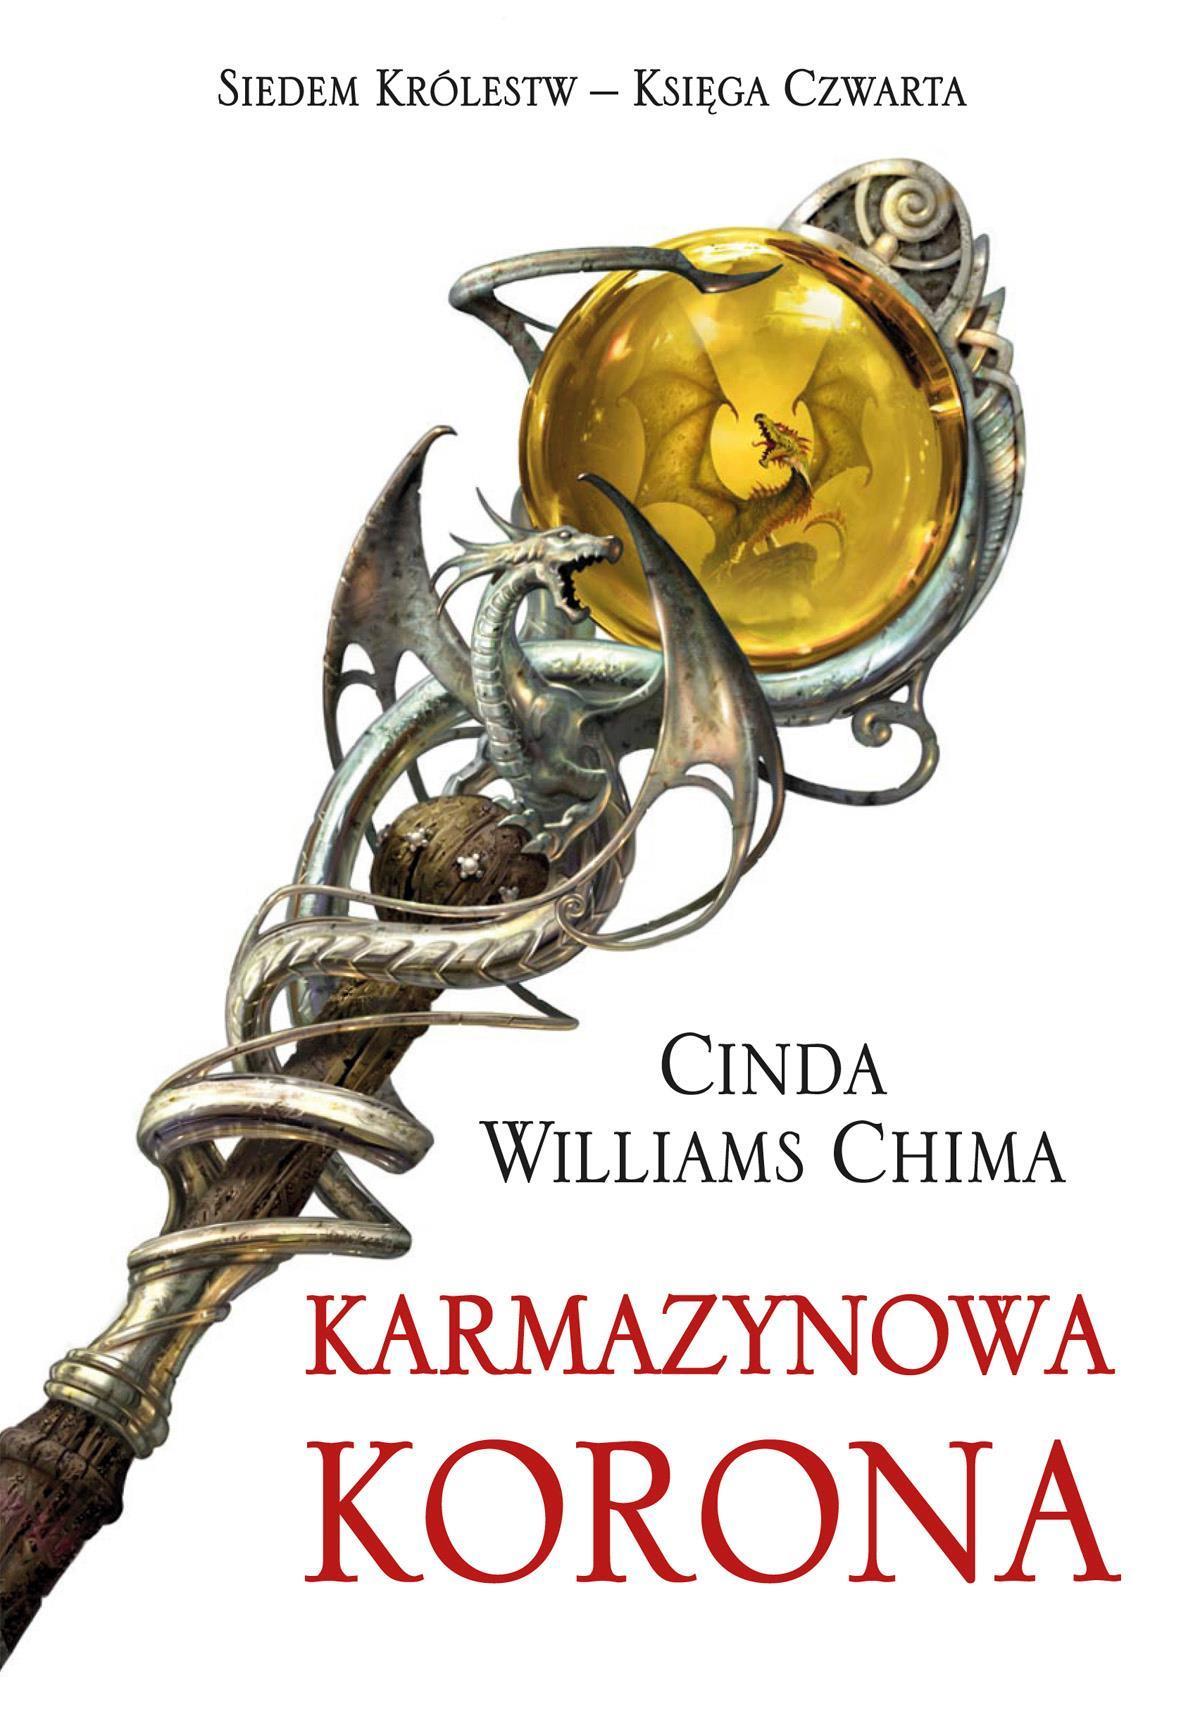 Karmazynowa Korona. Tom 4 Siedem Królestw - Ebook (Książka EPUB) do pobrania w formacie EPUB